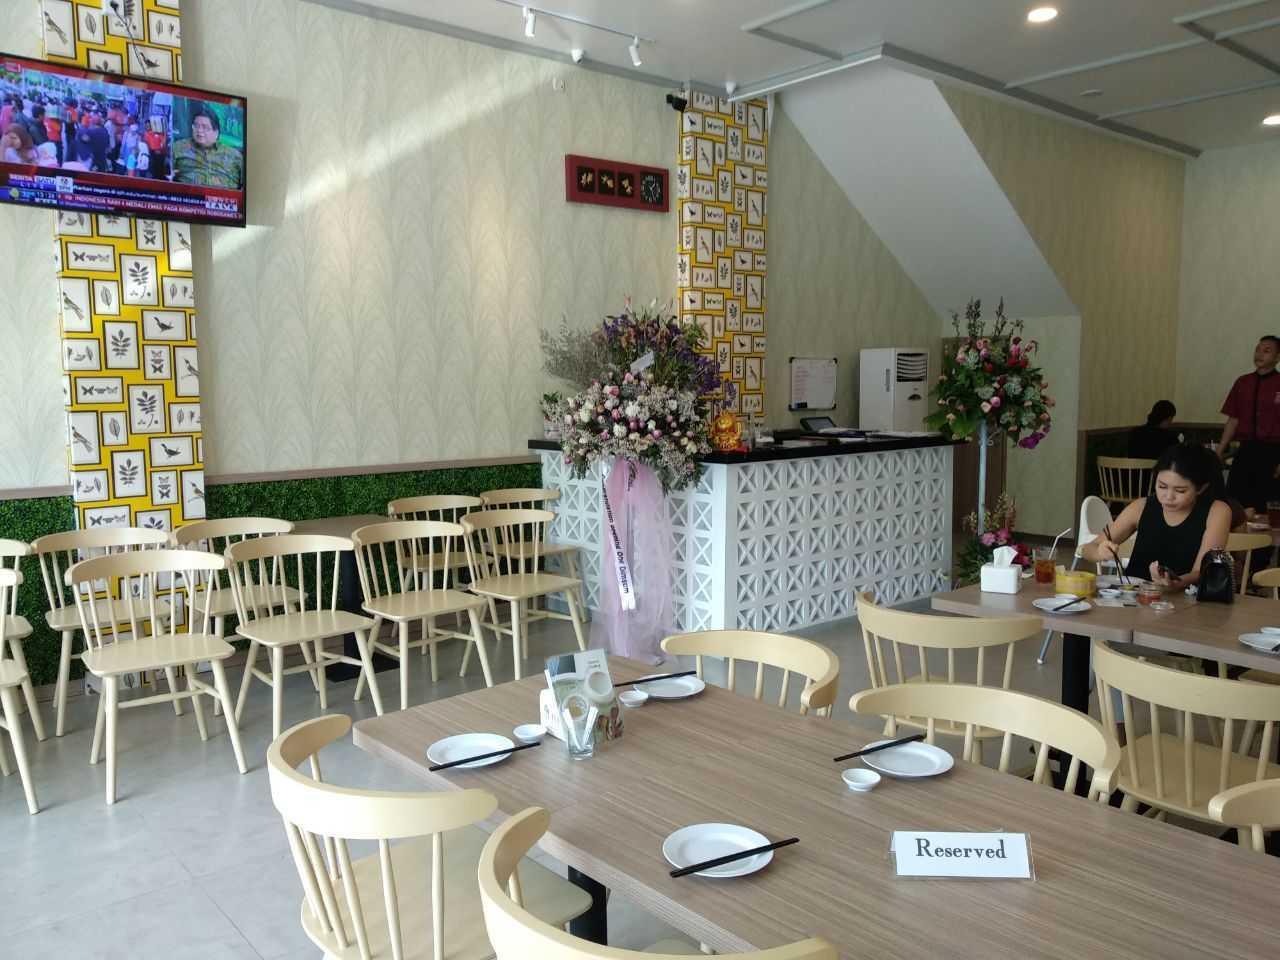 Mimic Concept Restaurant - Pluit Pluit, Penjaringan, Kota Jkt Utara, Daerah Khusus Ibukota Jakarta, Indonesia Pluit, Penjaringan, Kota Jkt Utara, Daerah Khusus Ibukota Jakarta, Indonesia Mimic-Concept-Restaurant-At-Pluit  55614